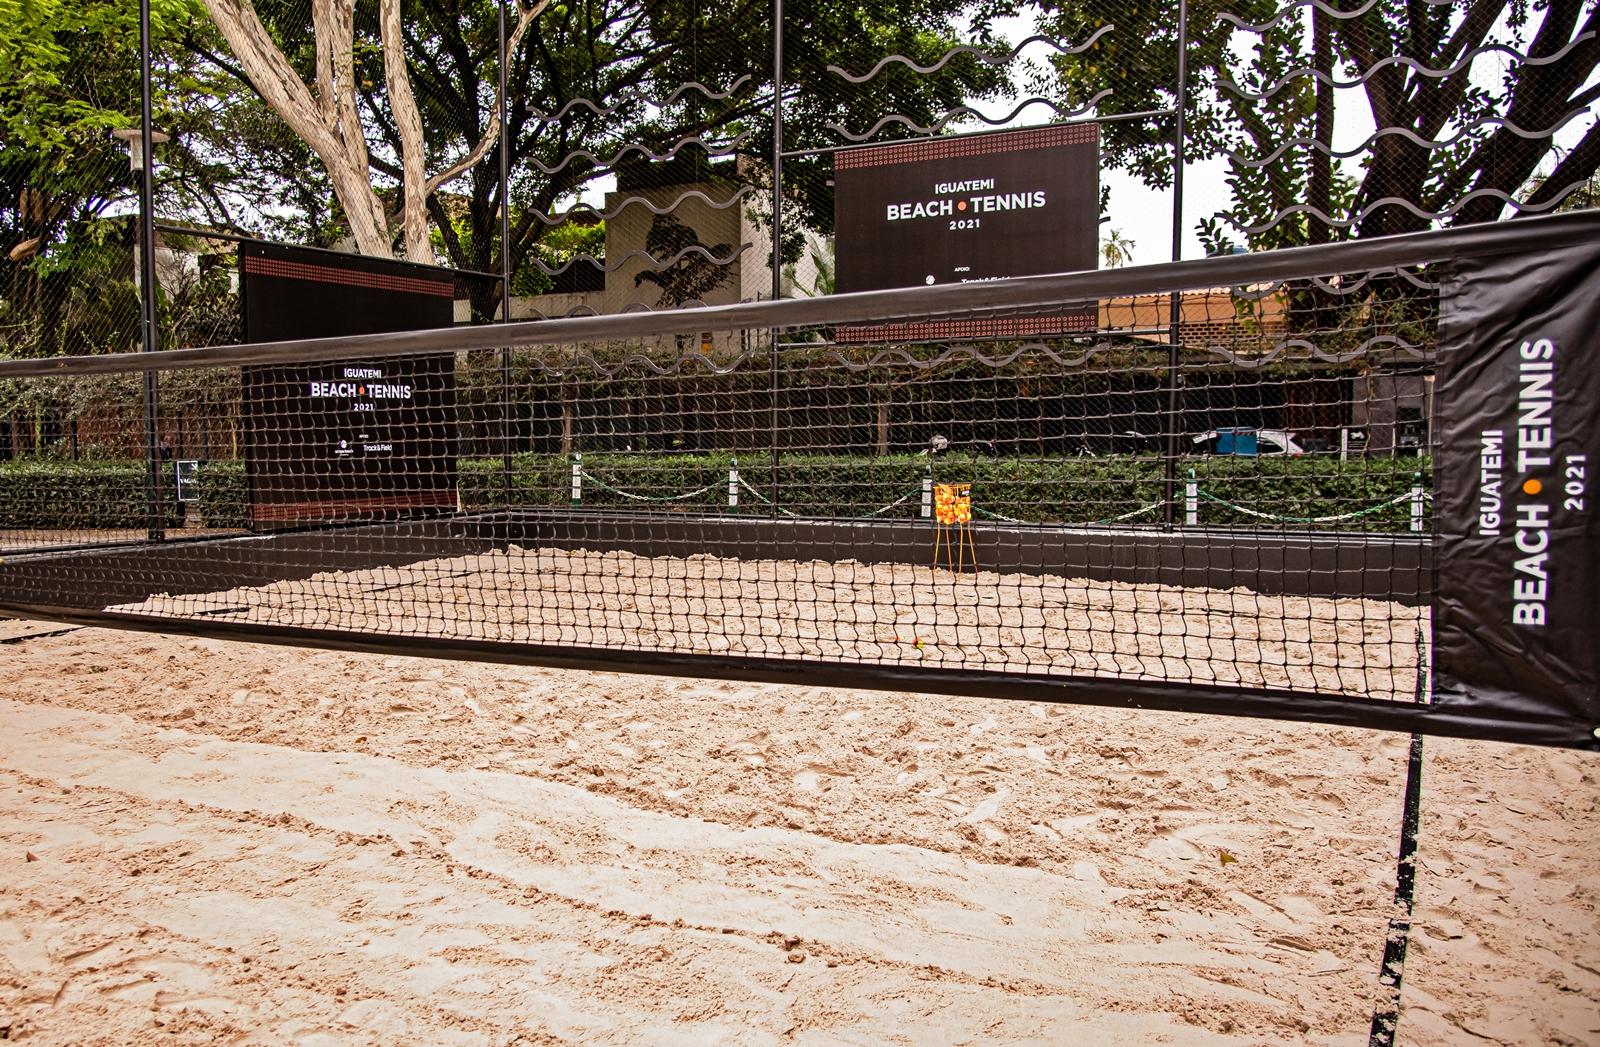 Iguatemi São Paulo realiza a primeira edição do Beach Tennis Iguatemi